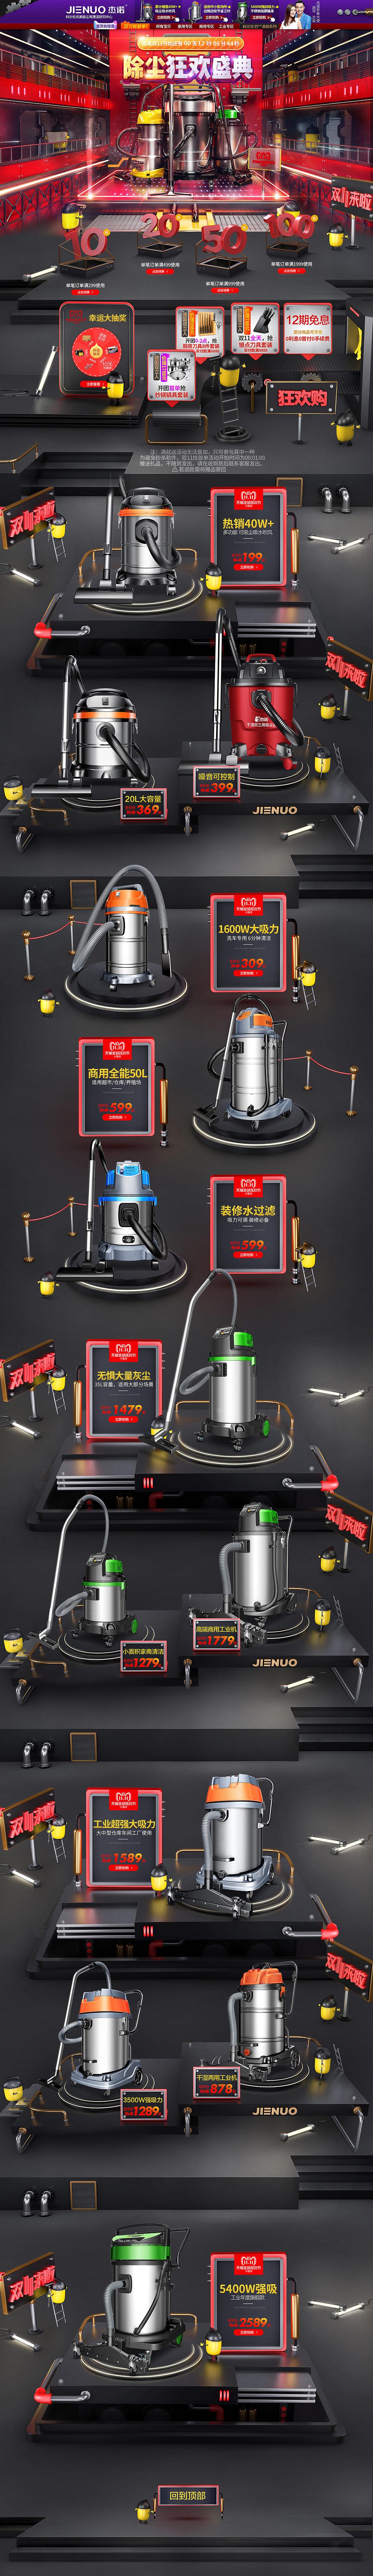 杰诺家电数码电器双11预售双